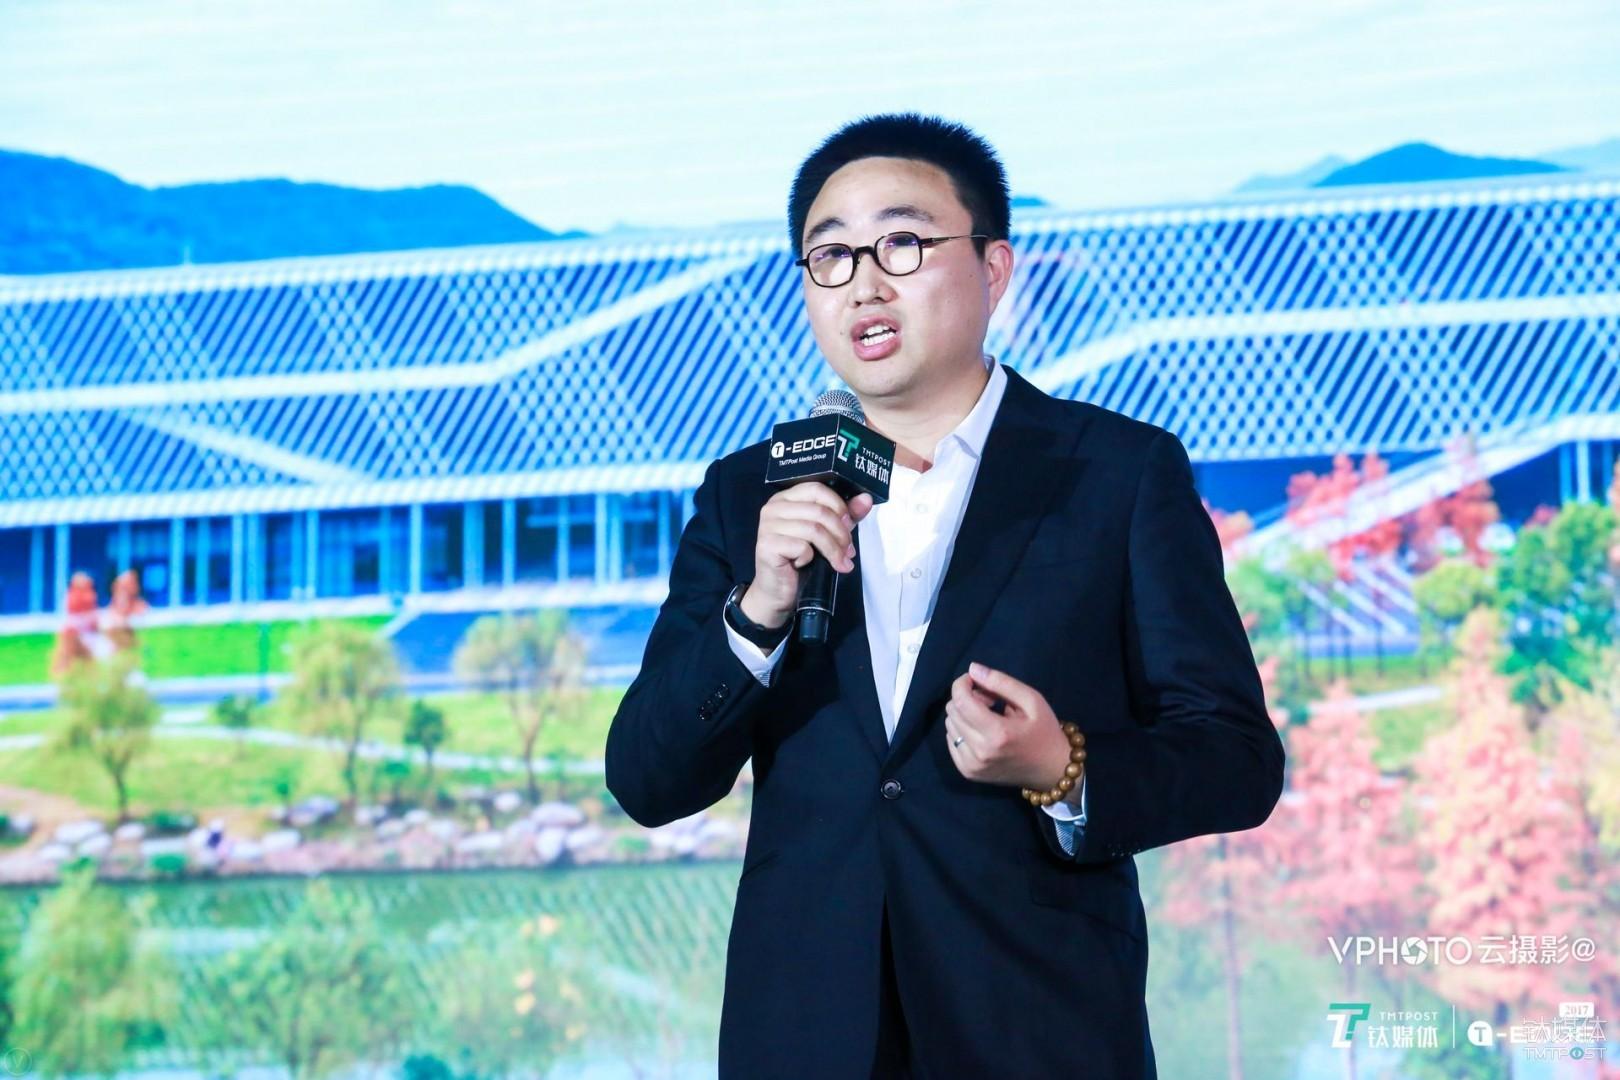 云栖小镇管委会副主任高剑飞在钛媒体2017T-EDGE峰会现场